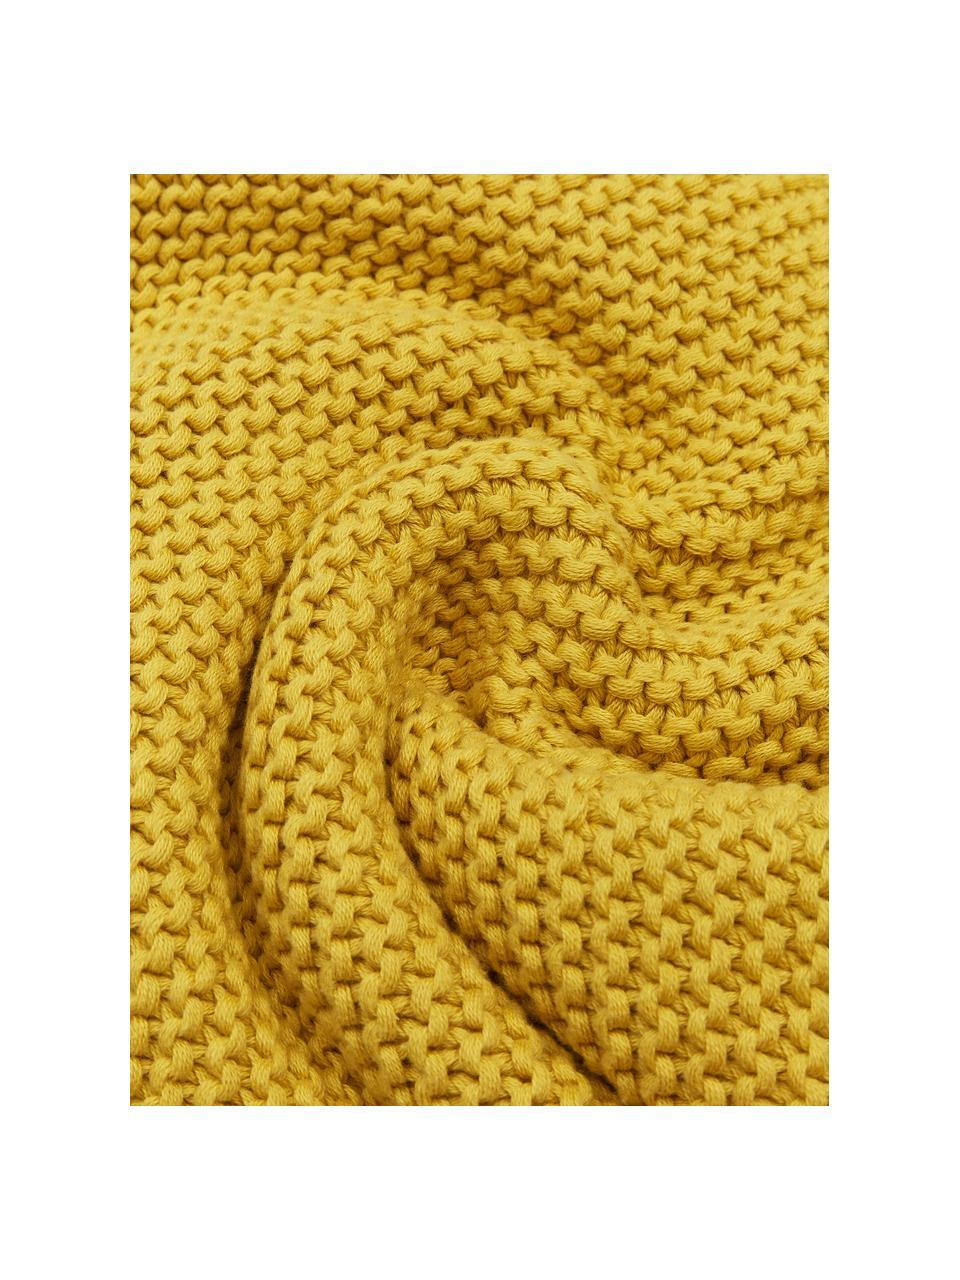 Dzianinowy koc z bawełny organicznej  Adalyn, 100% bawełna organiczna, certyfikat GOTS, Żółty, S 150 x D 200 cm